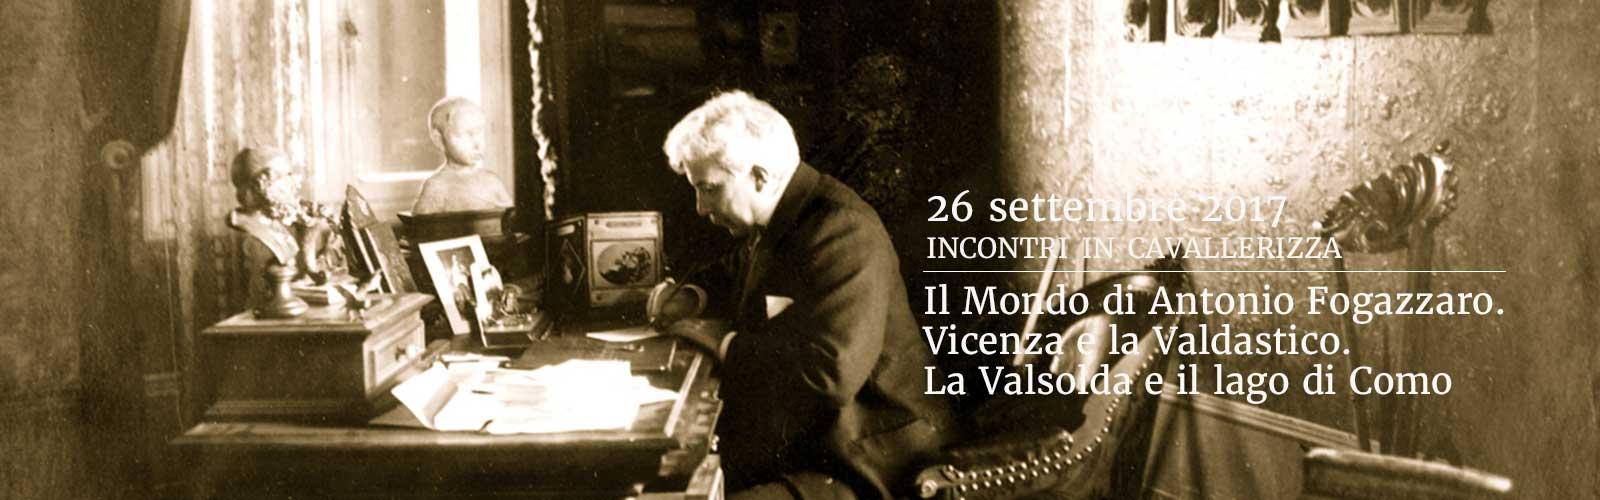 Il Mondo di Antonio Fogazzaro. Vicenza e la Valdastico. La Valsolda e il lago di Como